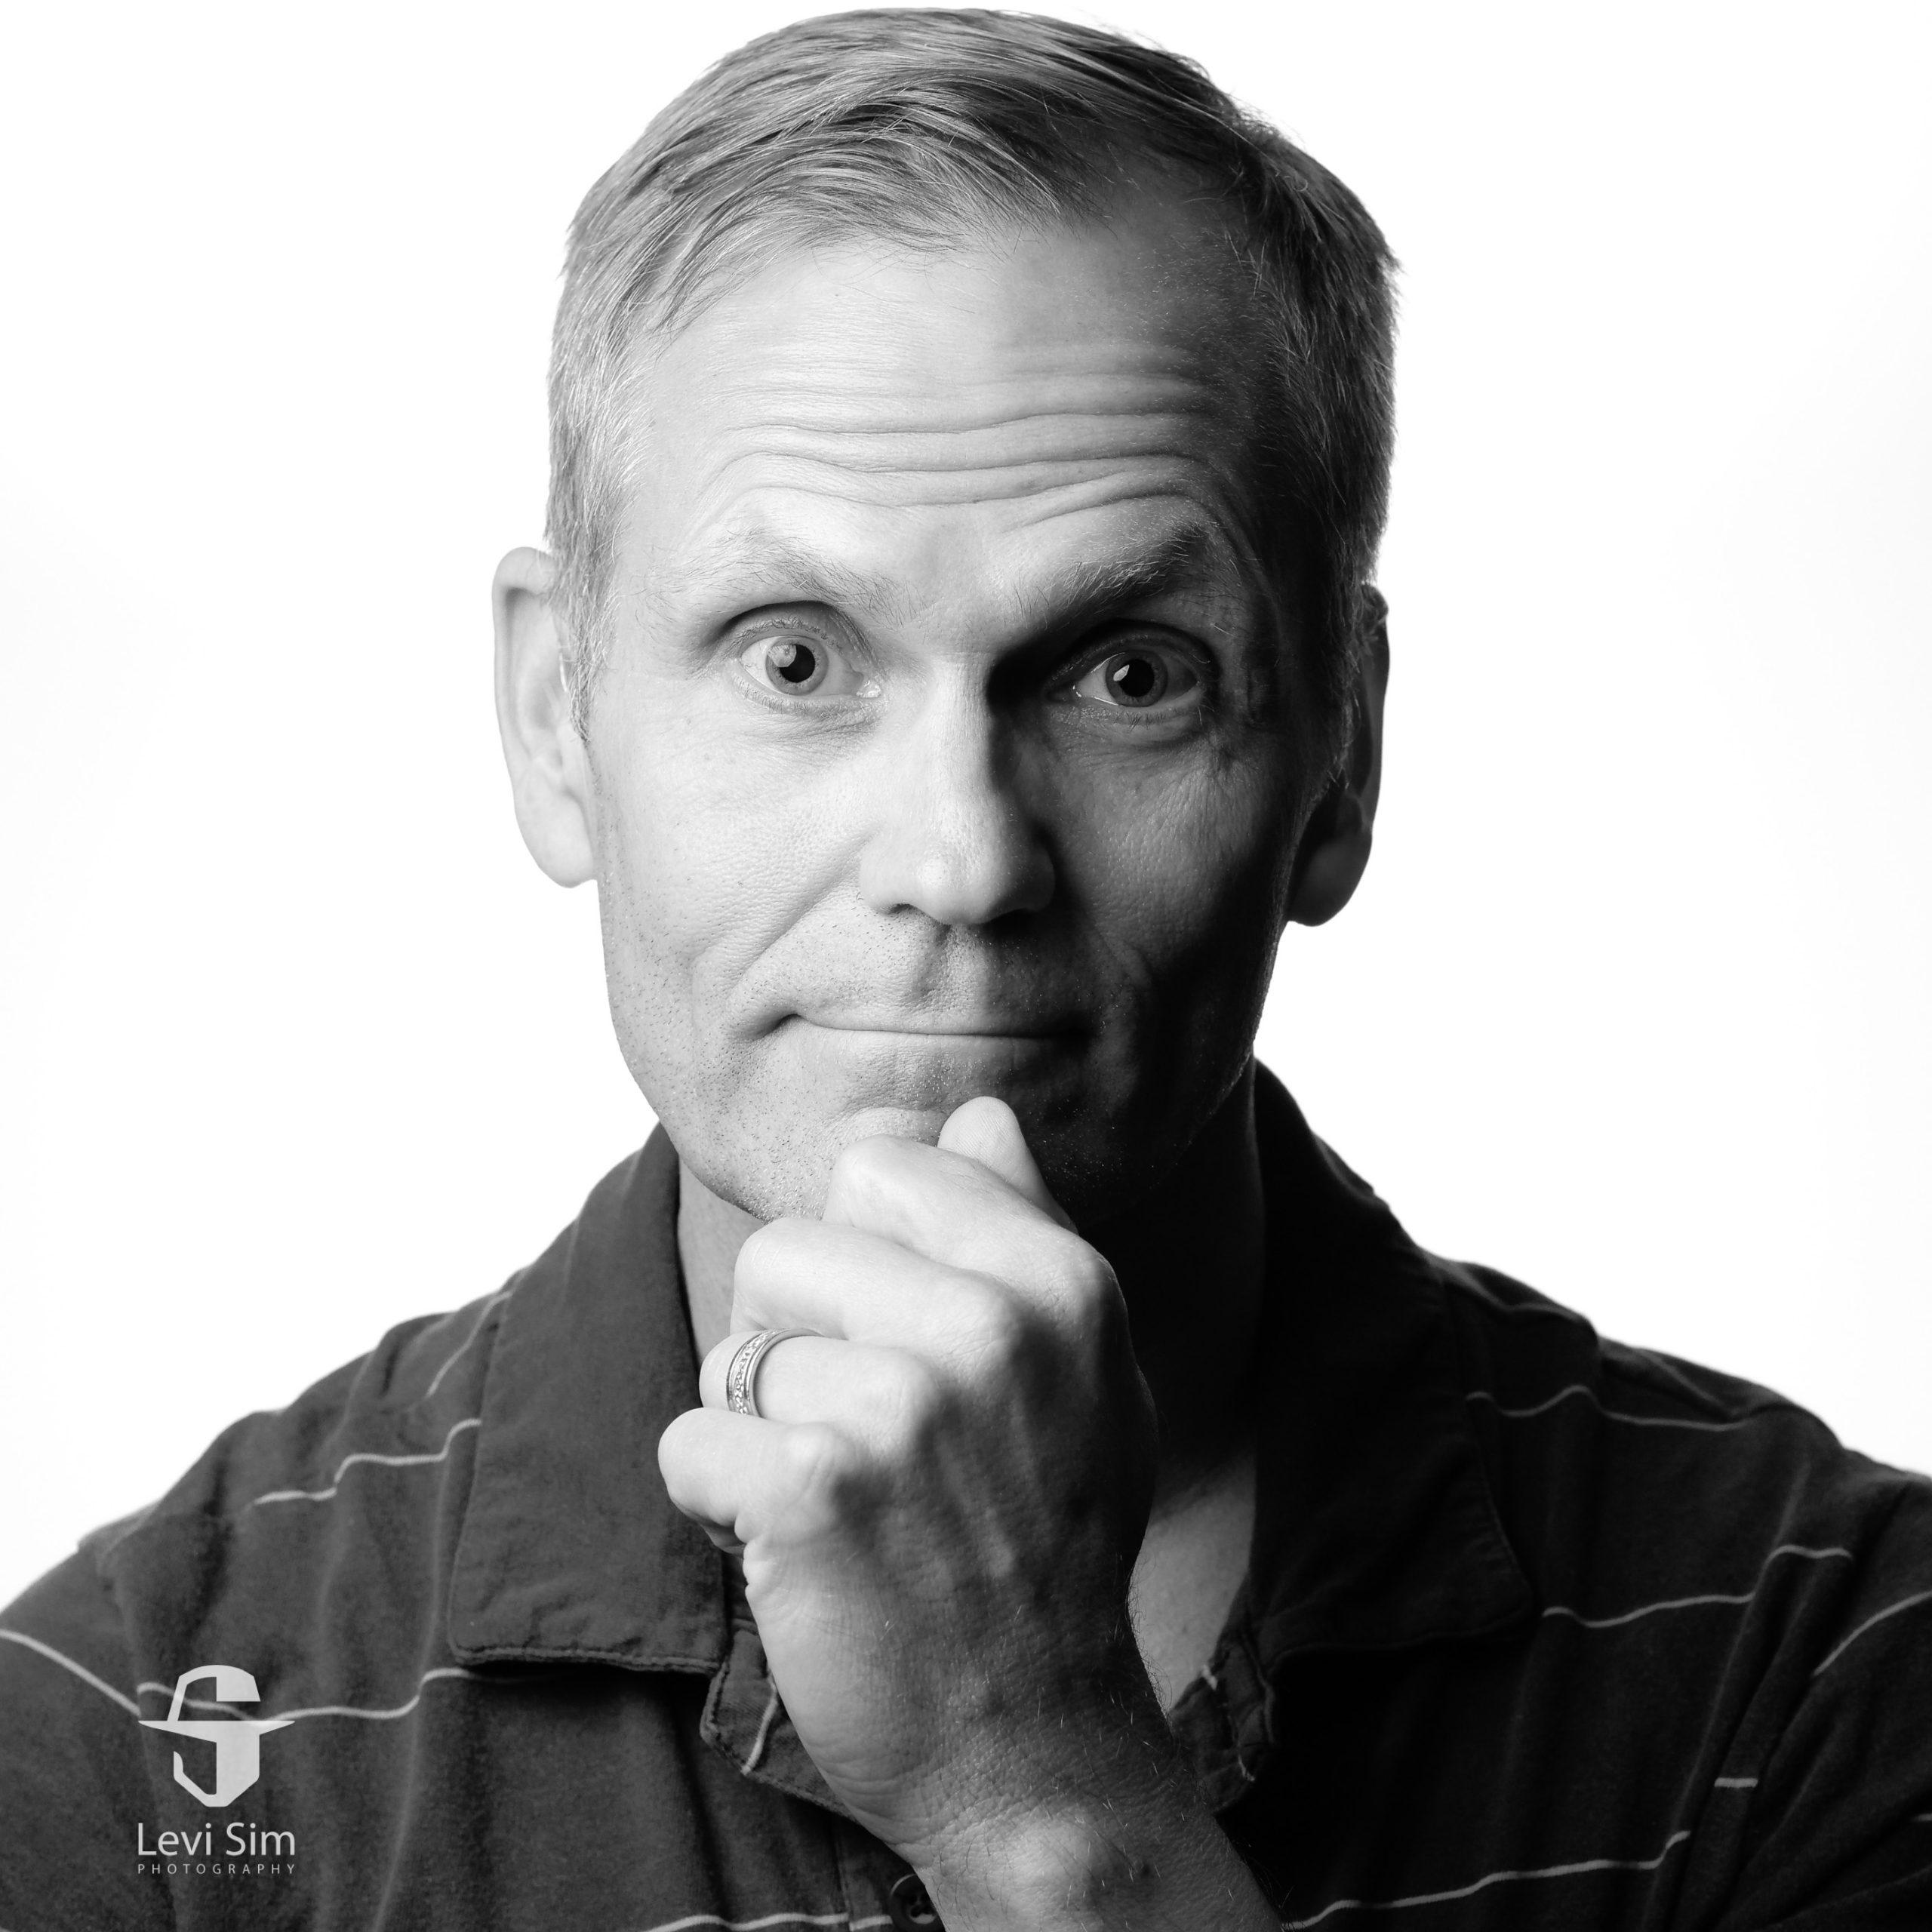 Levi Sim Steve Jobs Portrait Project Out Of Chicago 2017-16